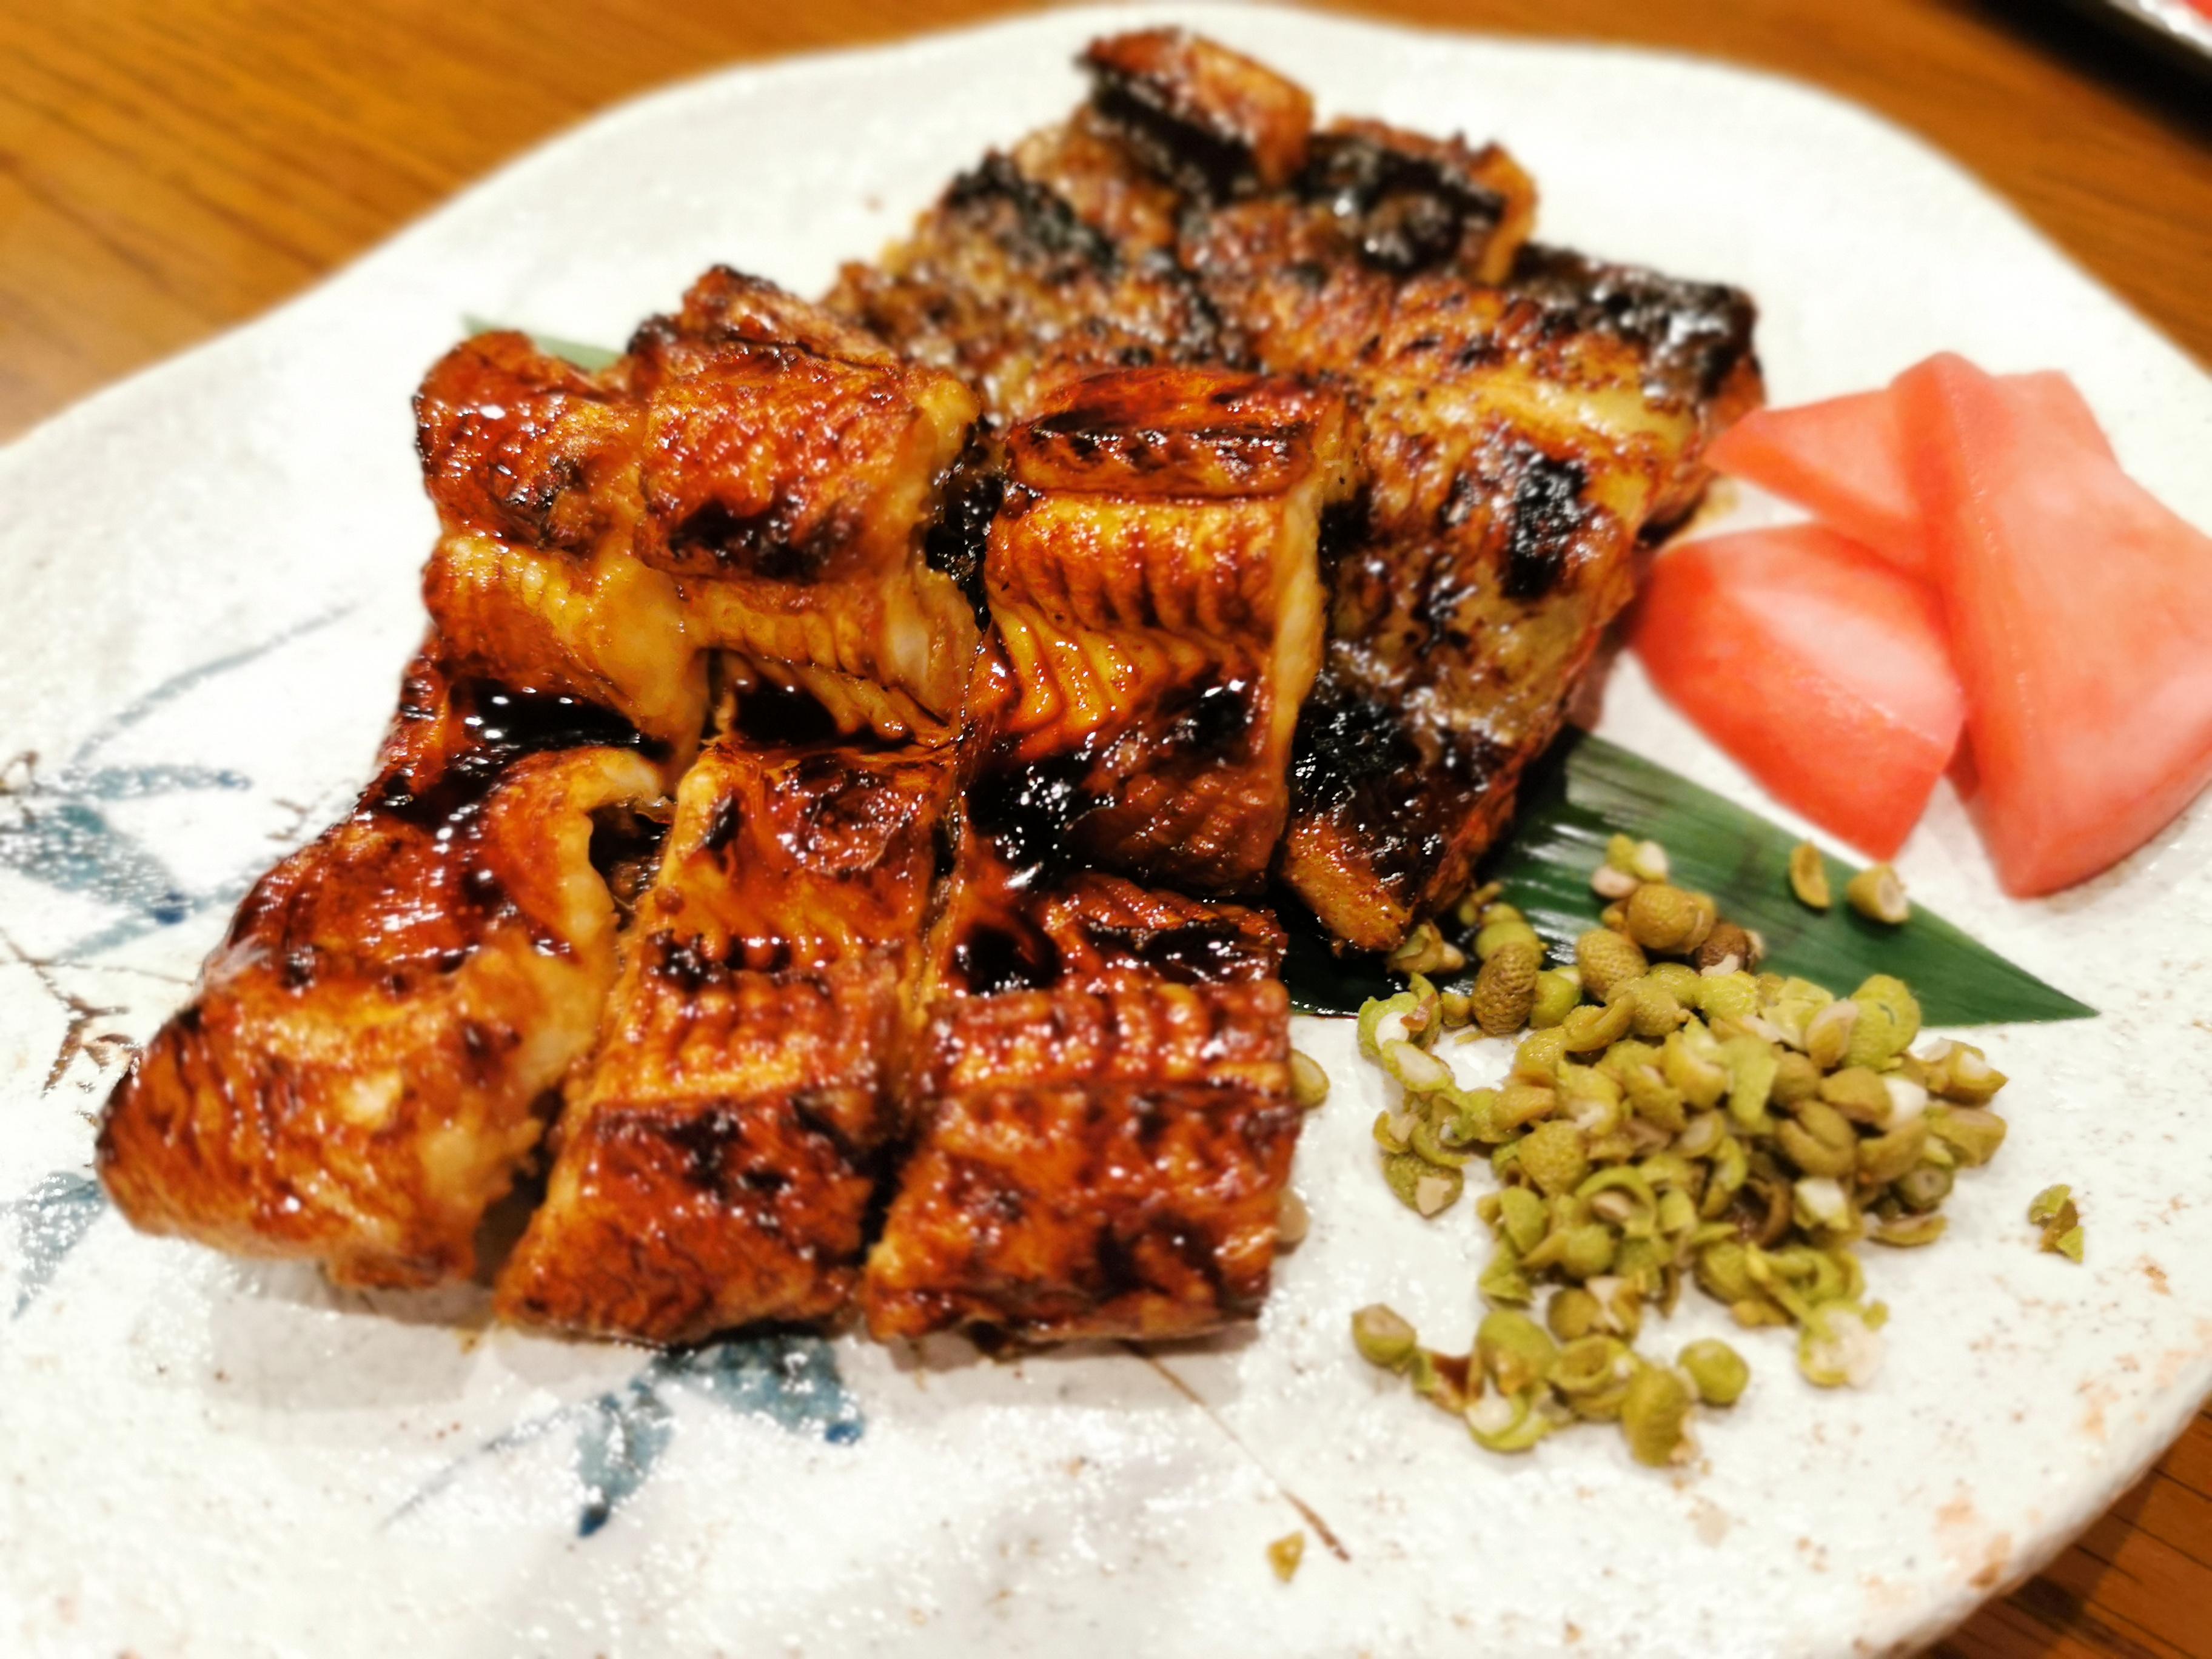 【阿佐ヶ谷】打ち薫る亭@穴子料理だけじゃない!こだわりの料理とぬる燗のマリアージュ。